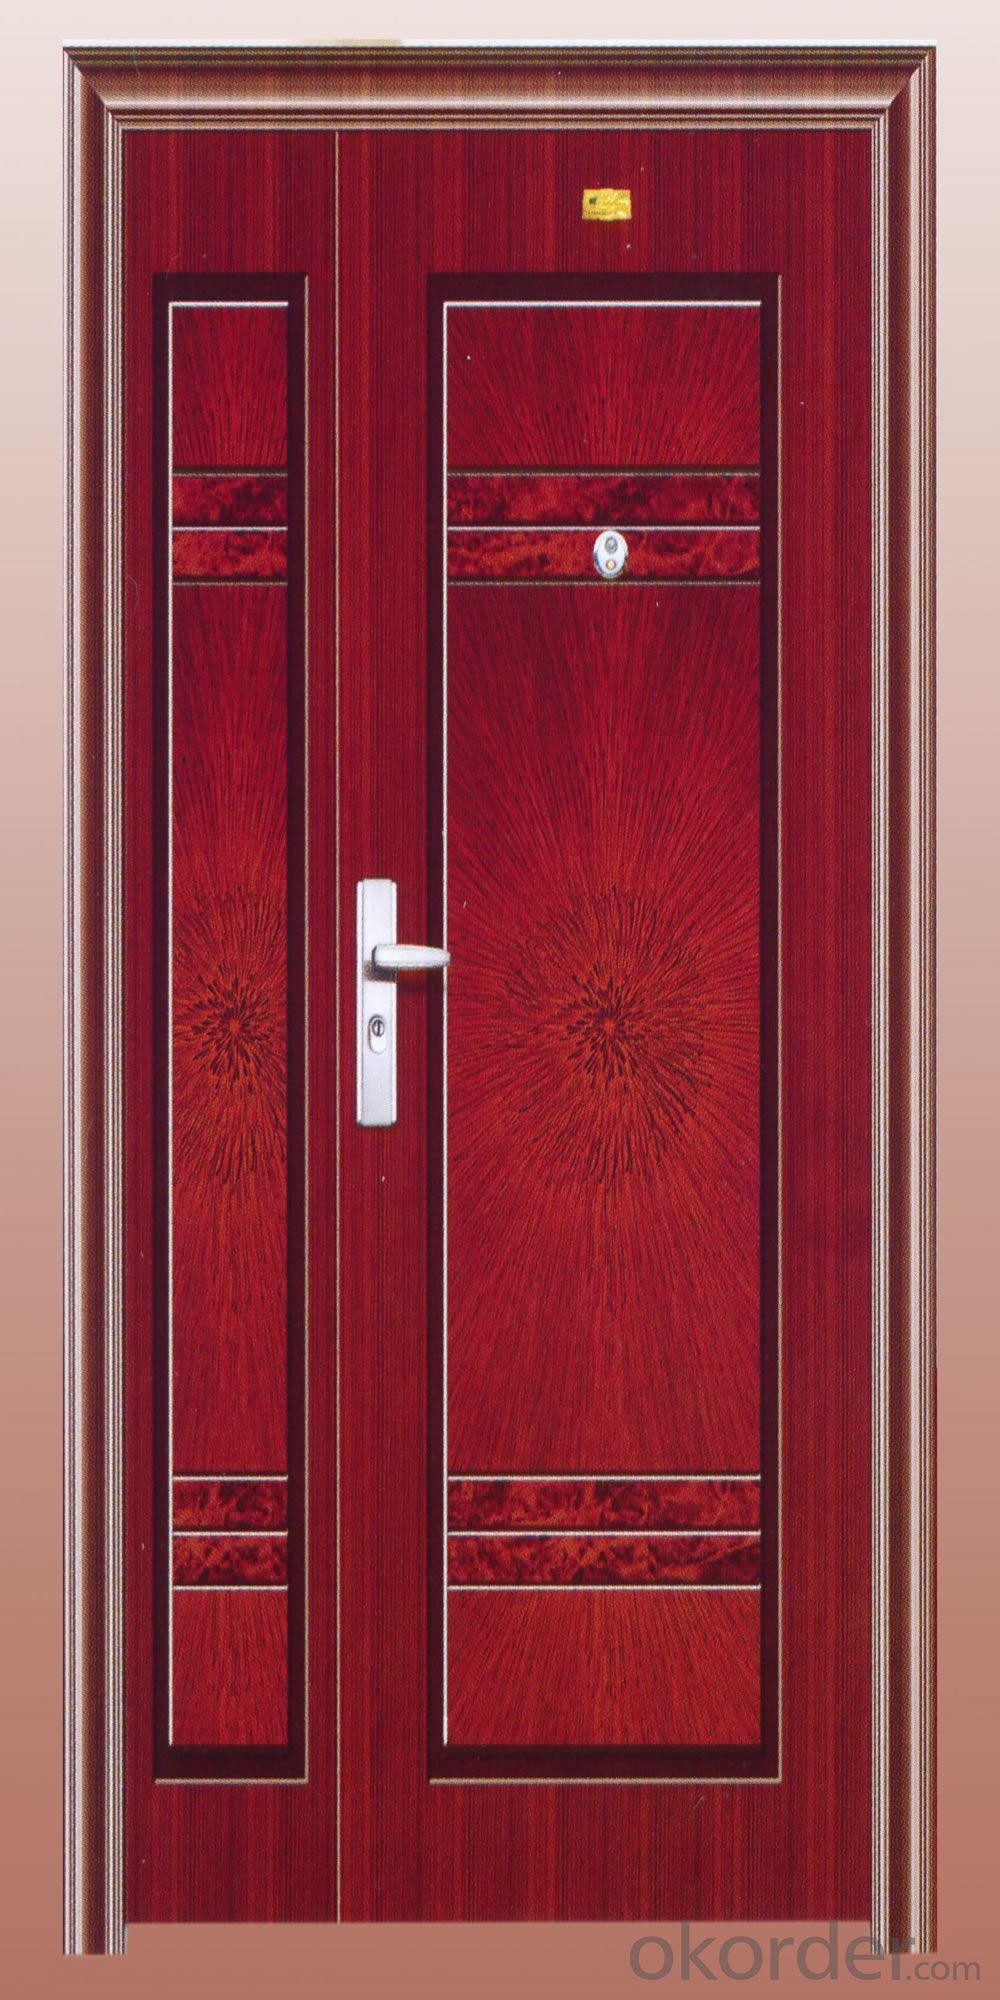 DOUBLE color popular Russia steel door (lt-313) new model